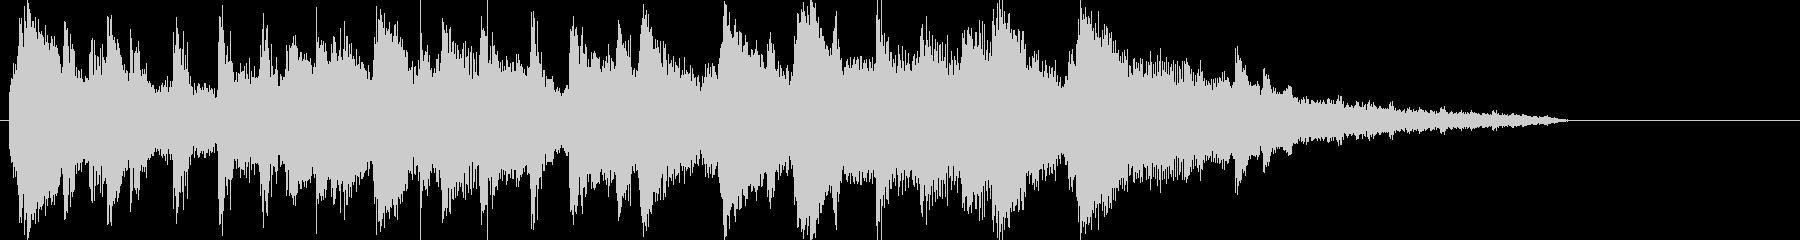 ガットギターとピアノの癒し系ボサノバの未再生の波形